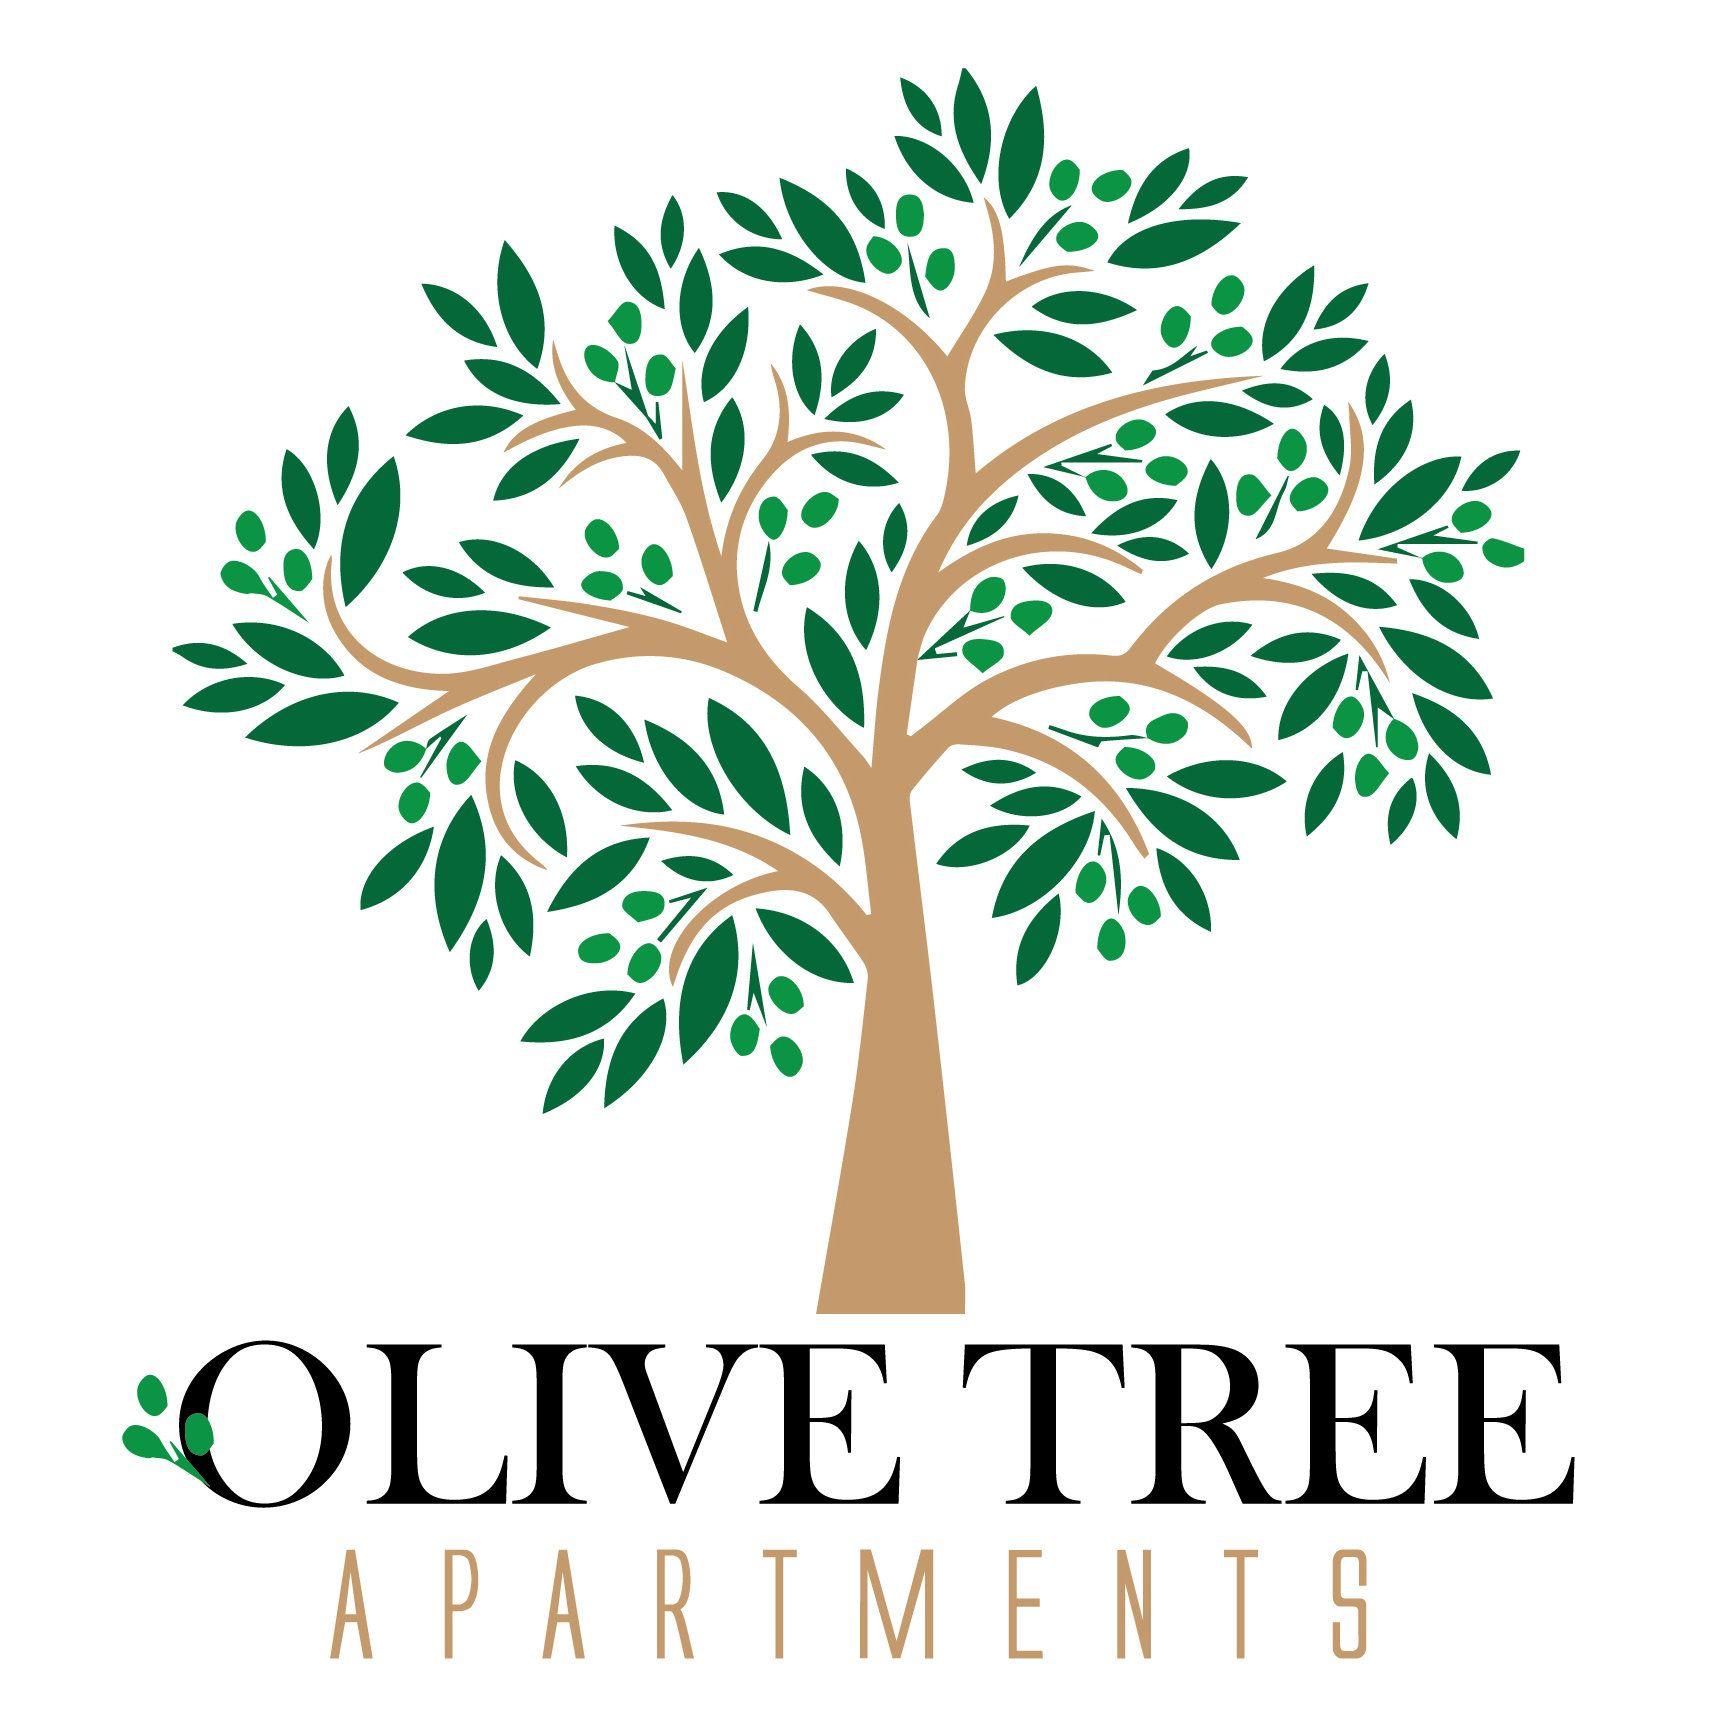 Olive Tree Apartments: Olive Tree Apartments Official Site